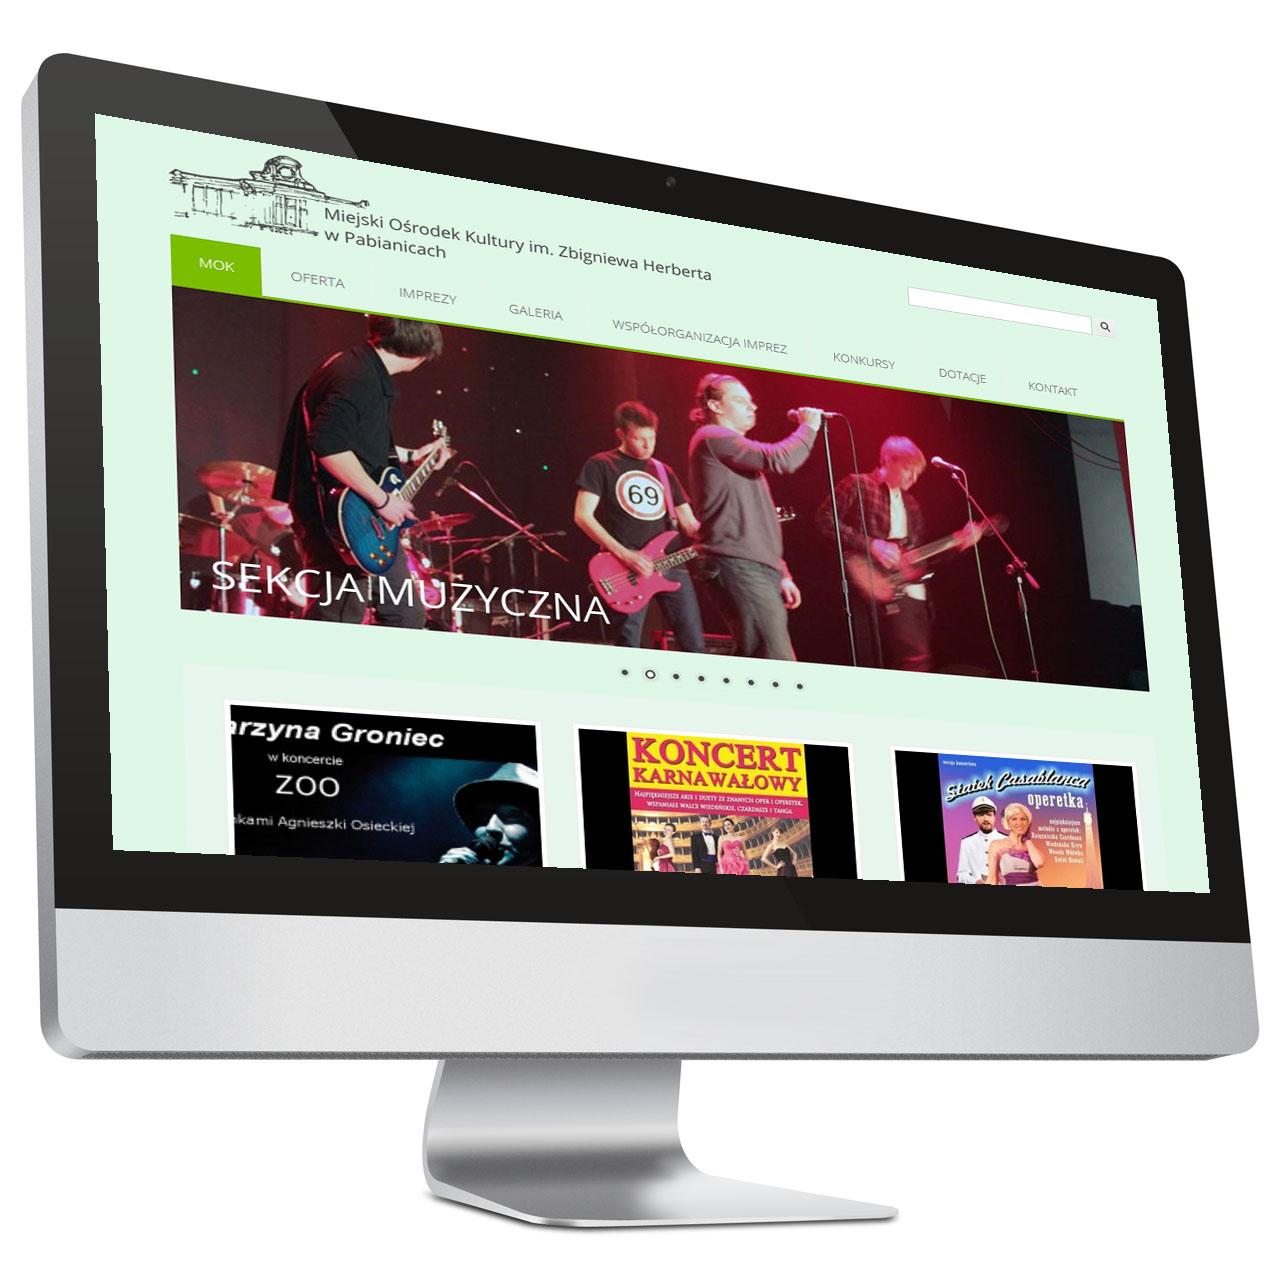 Miejski Ośrodek Kultury wPabianicach – Strona internetowa